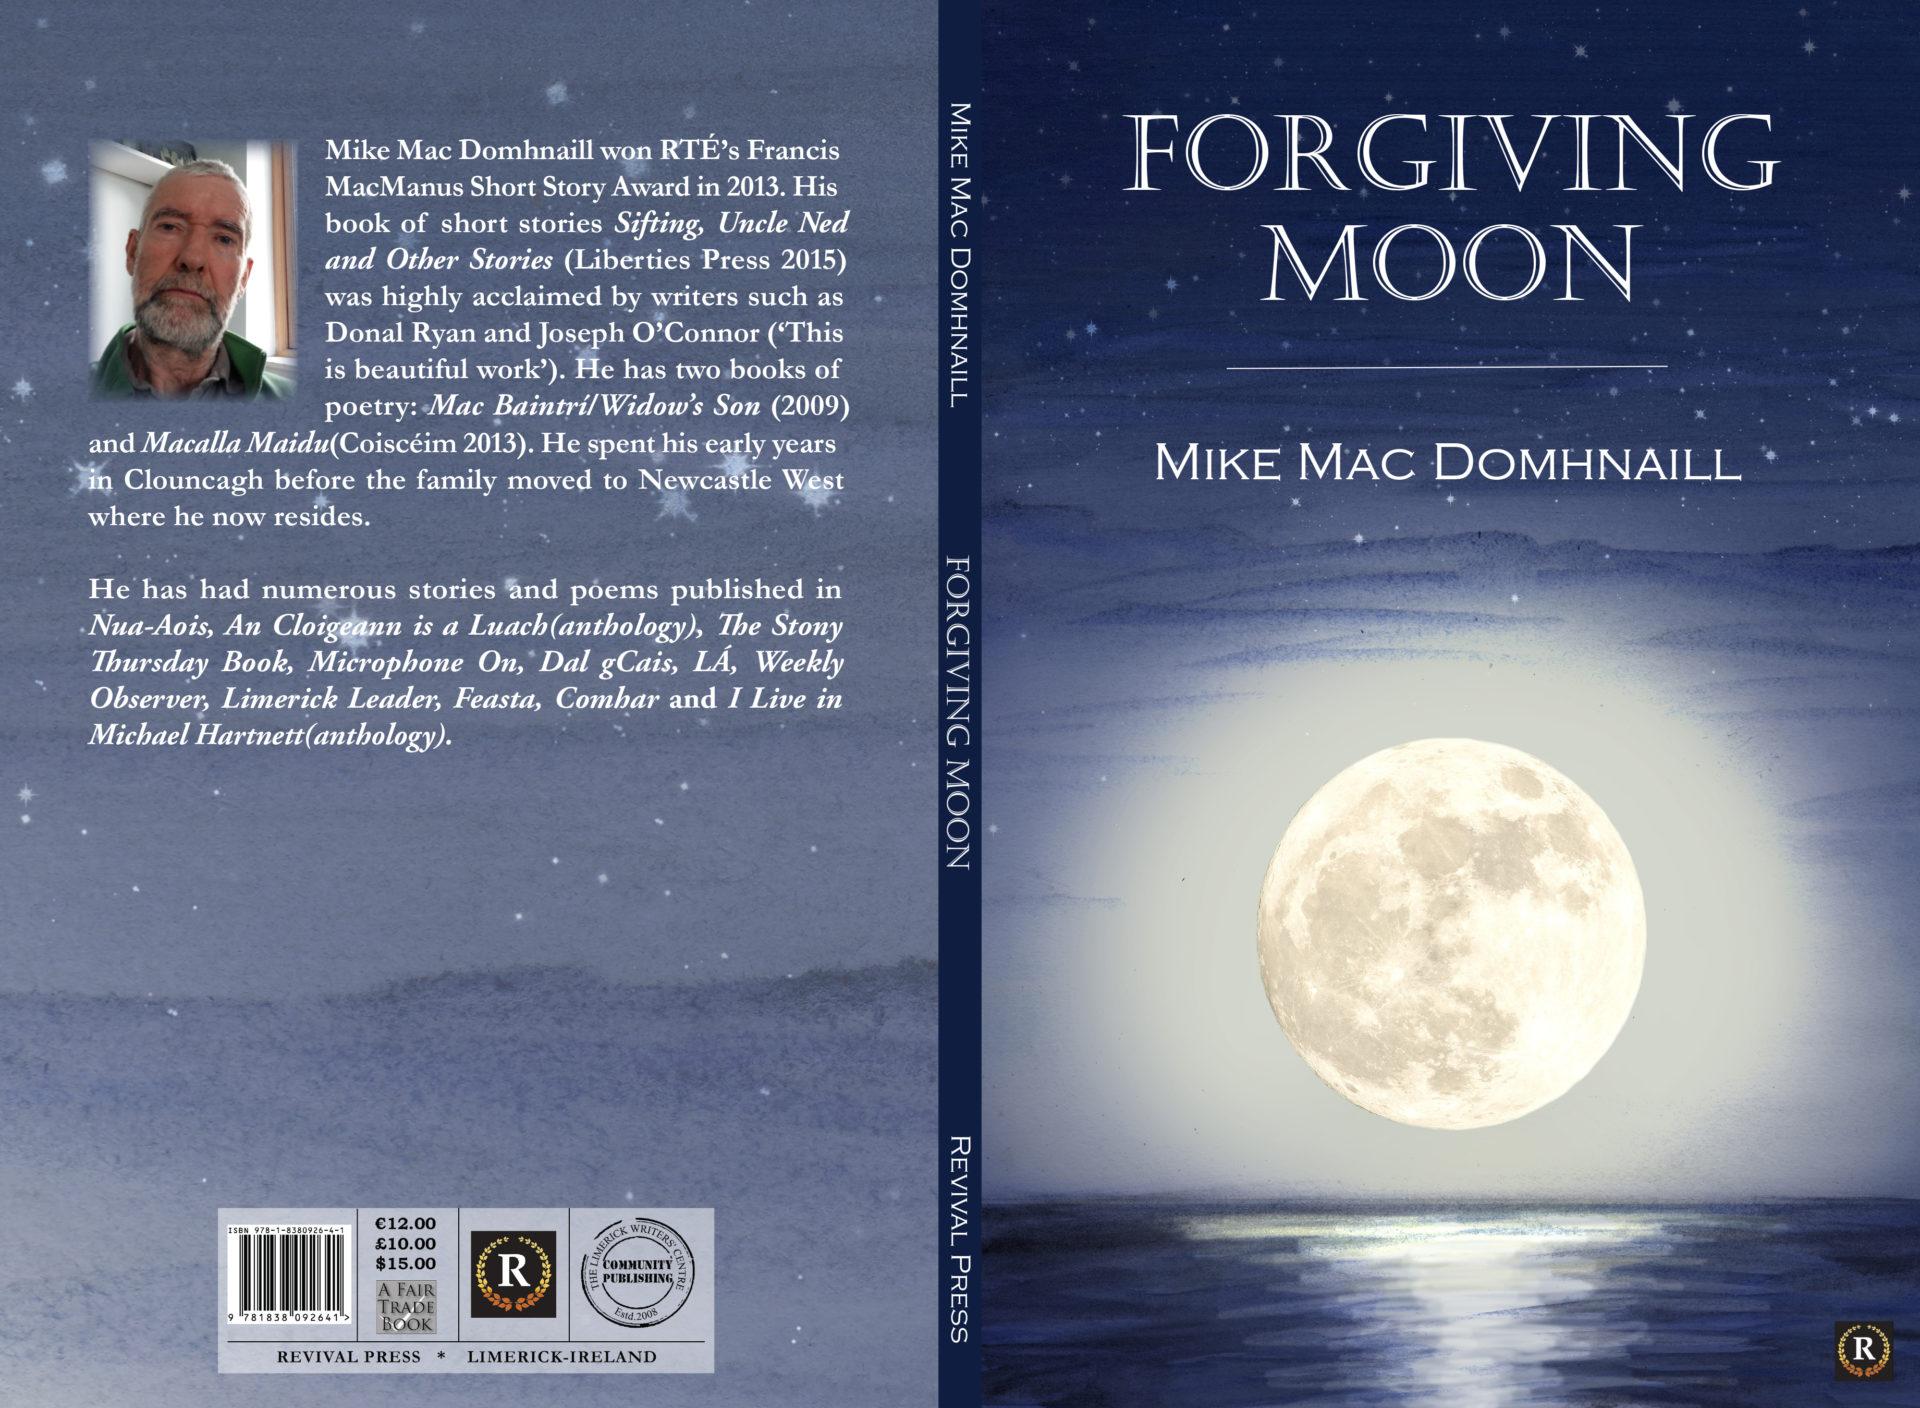 Forgiving Moon